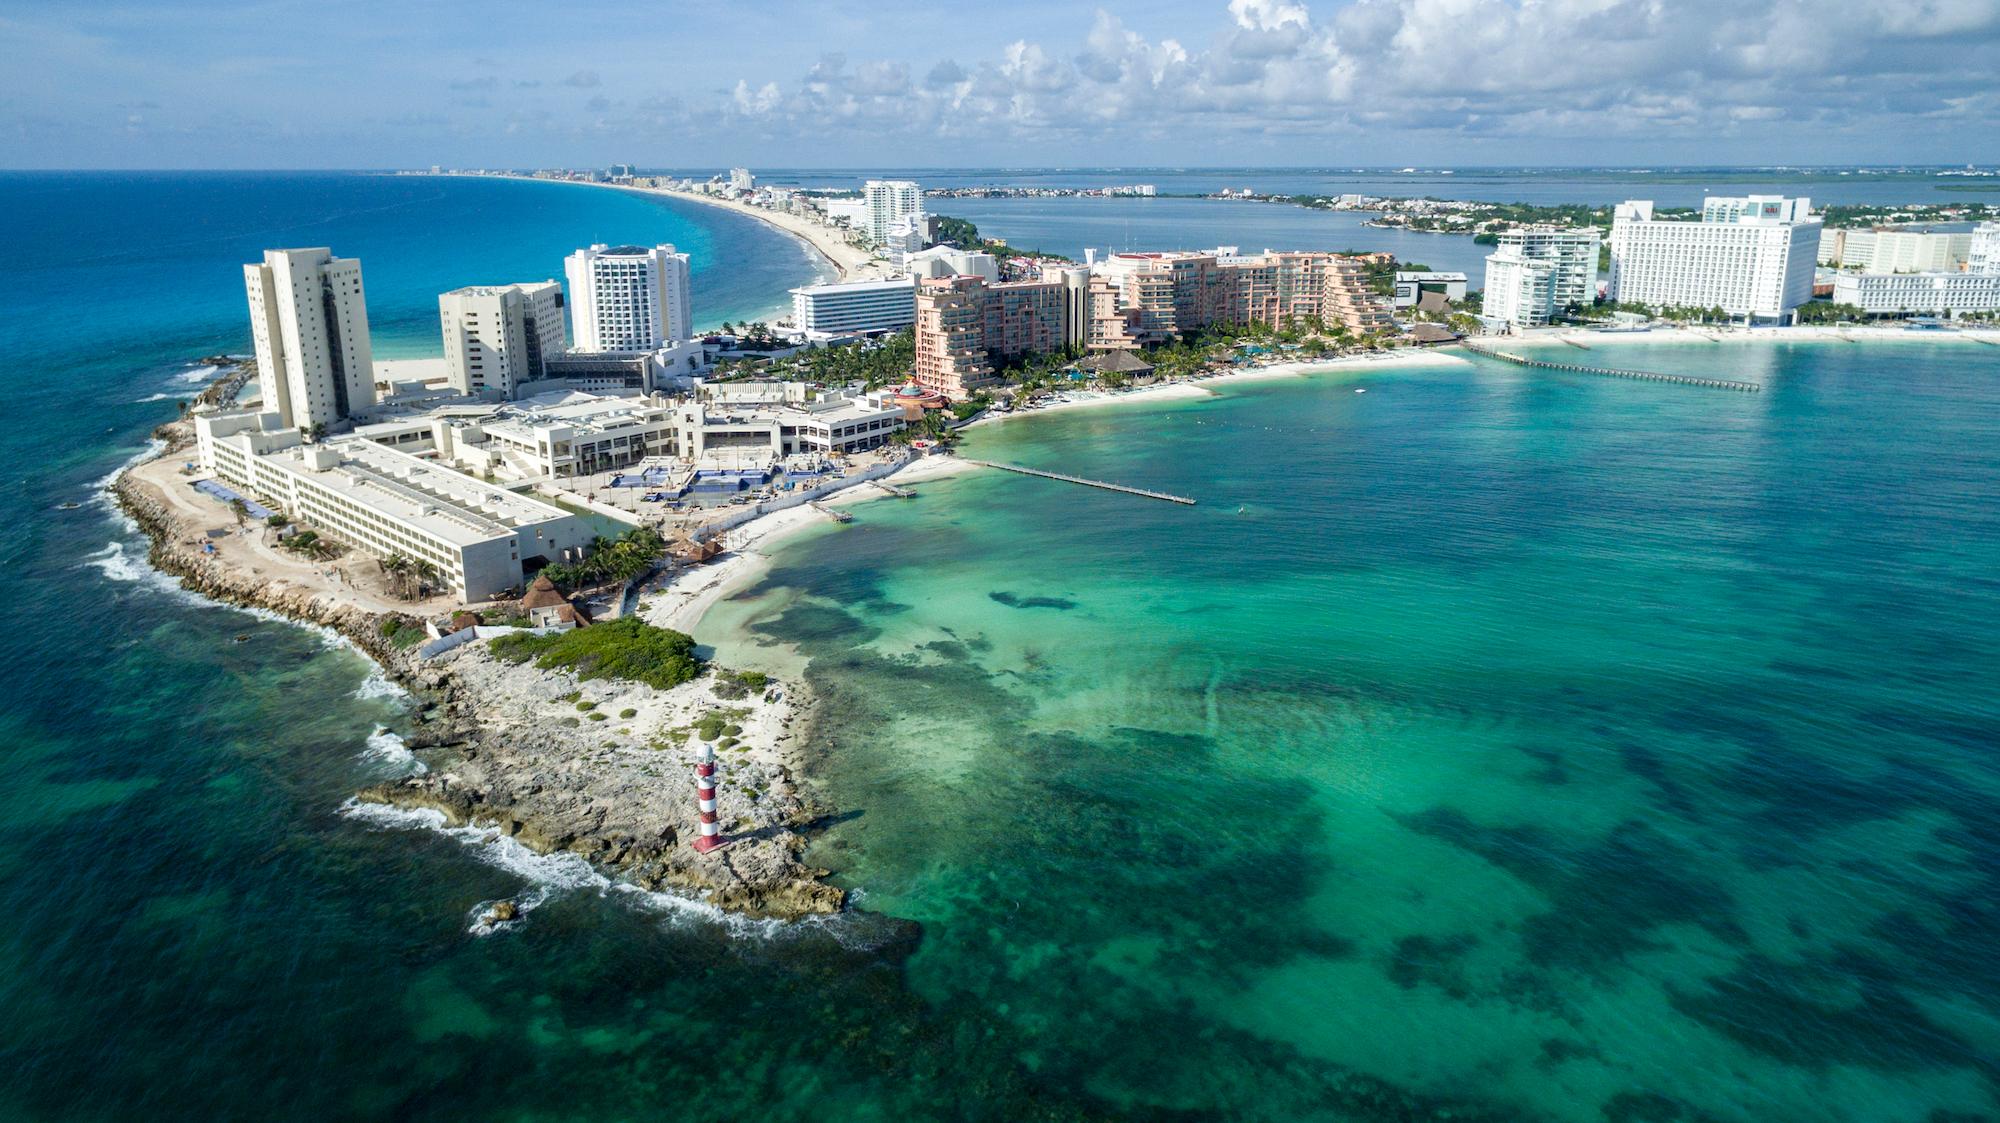 fotografia aerea en cancun.jpg